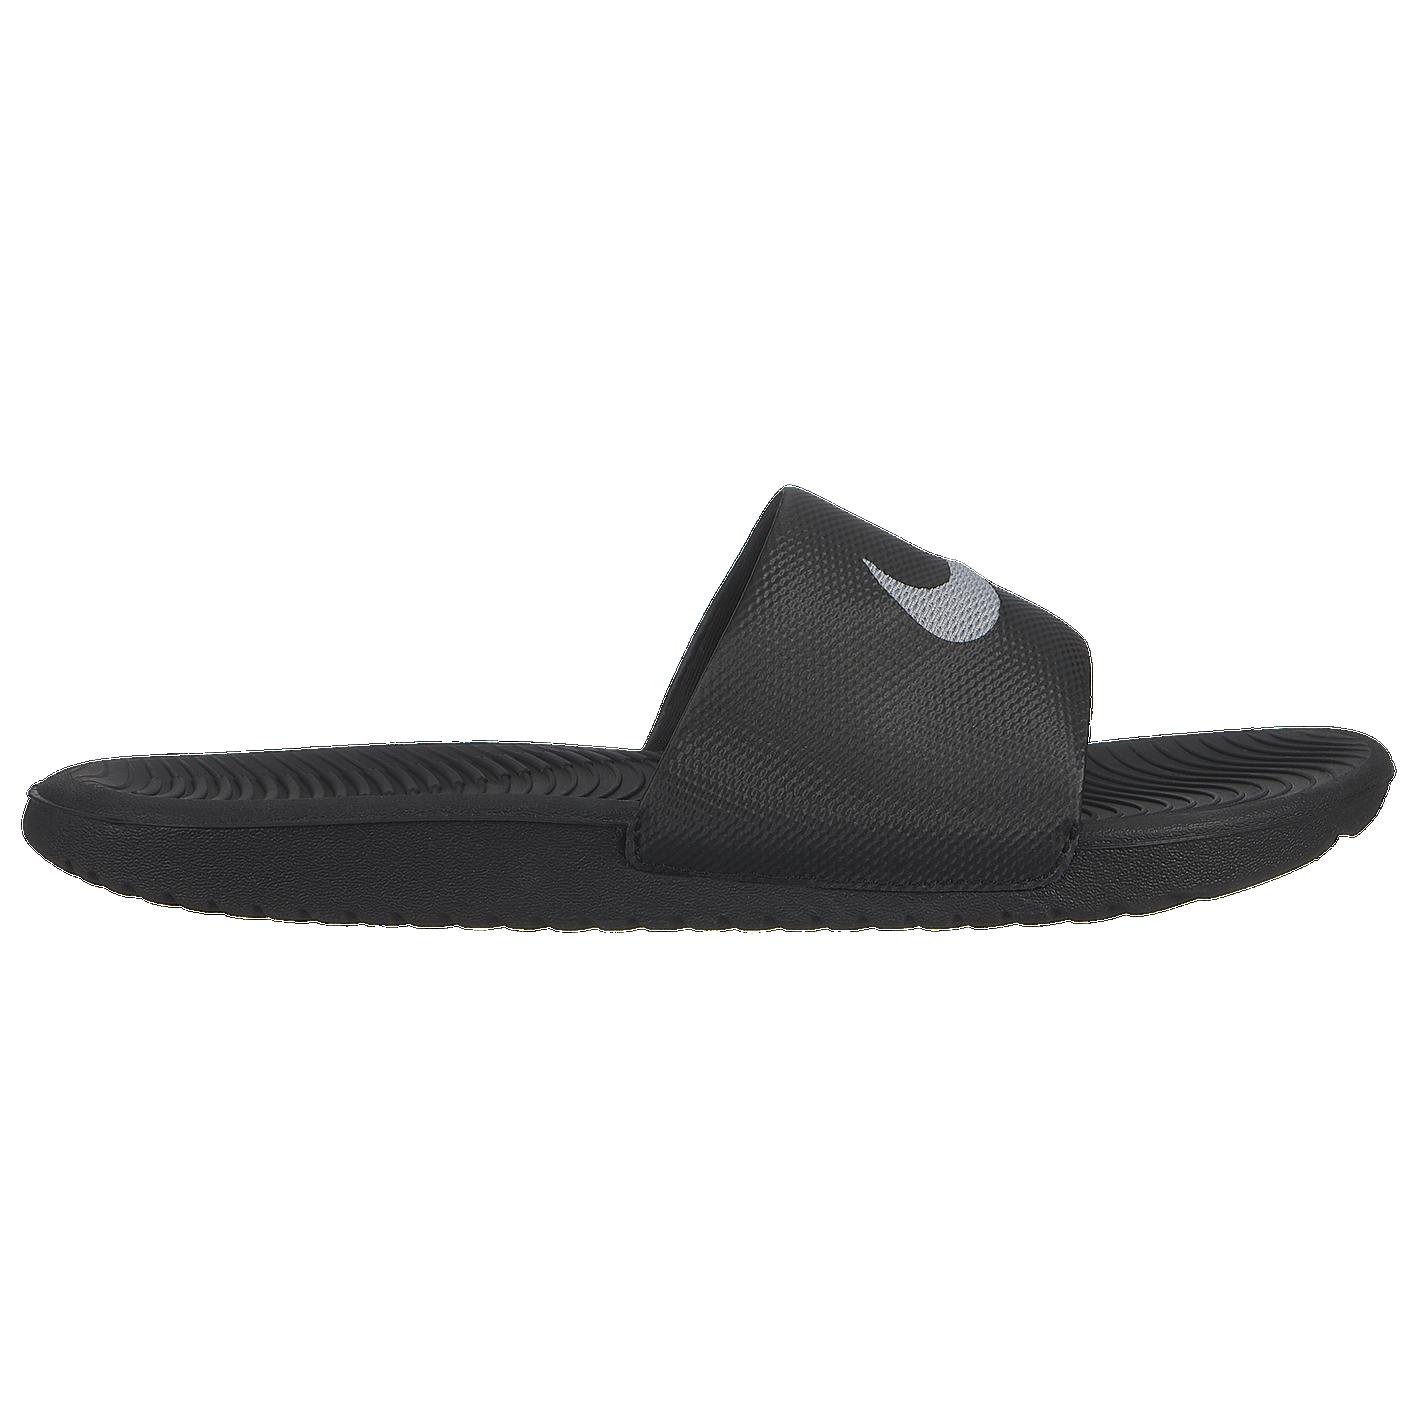 1cbab7a2a542 Nike Kawa Slide - Women s - Casual - Shoes - Black Metallic Silver